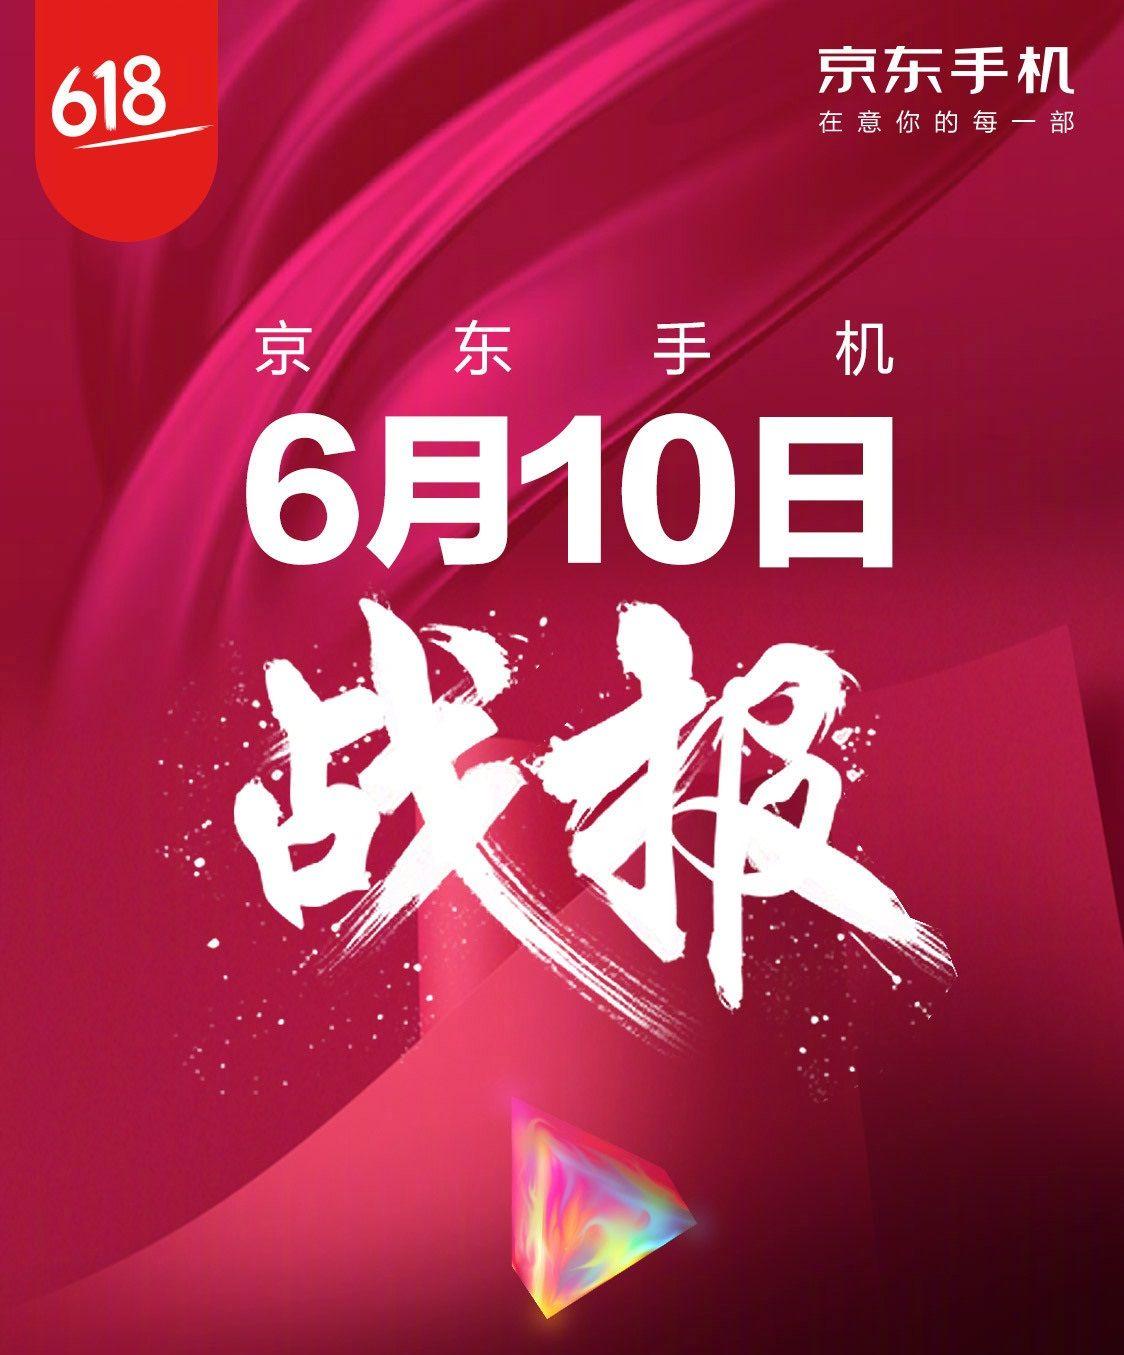 京東の「京東618(創業記念)セール」の10日目のランキングが公開。販売台数TOPはMEIZU